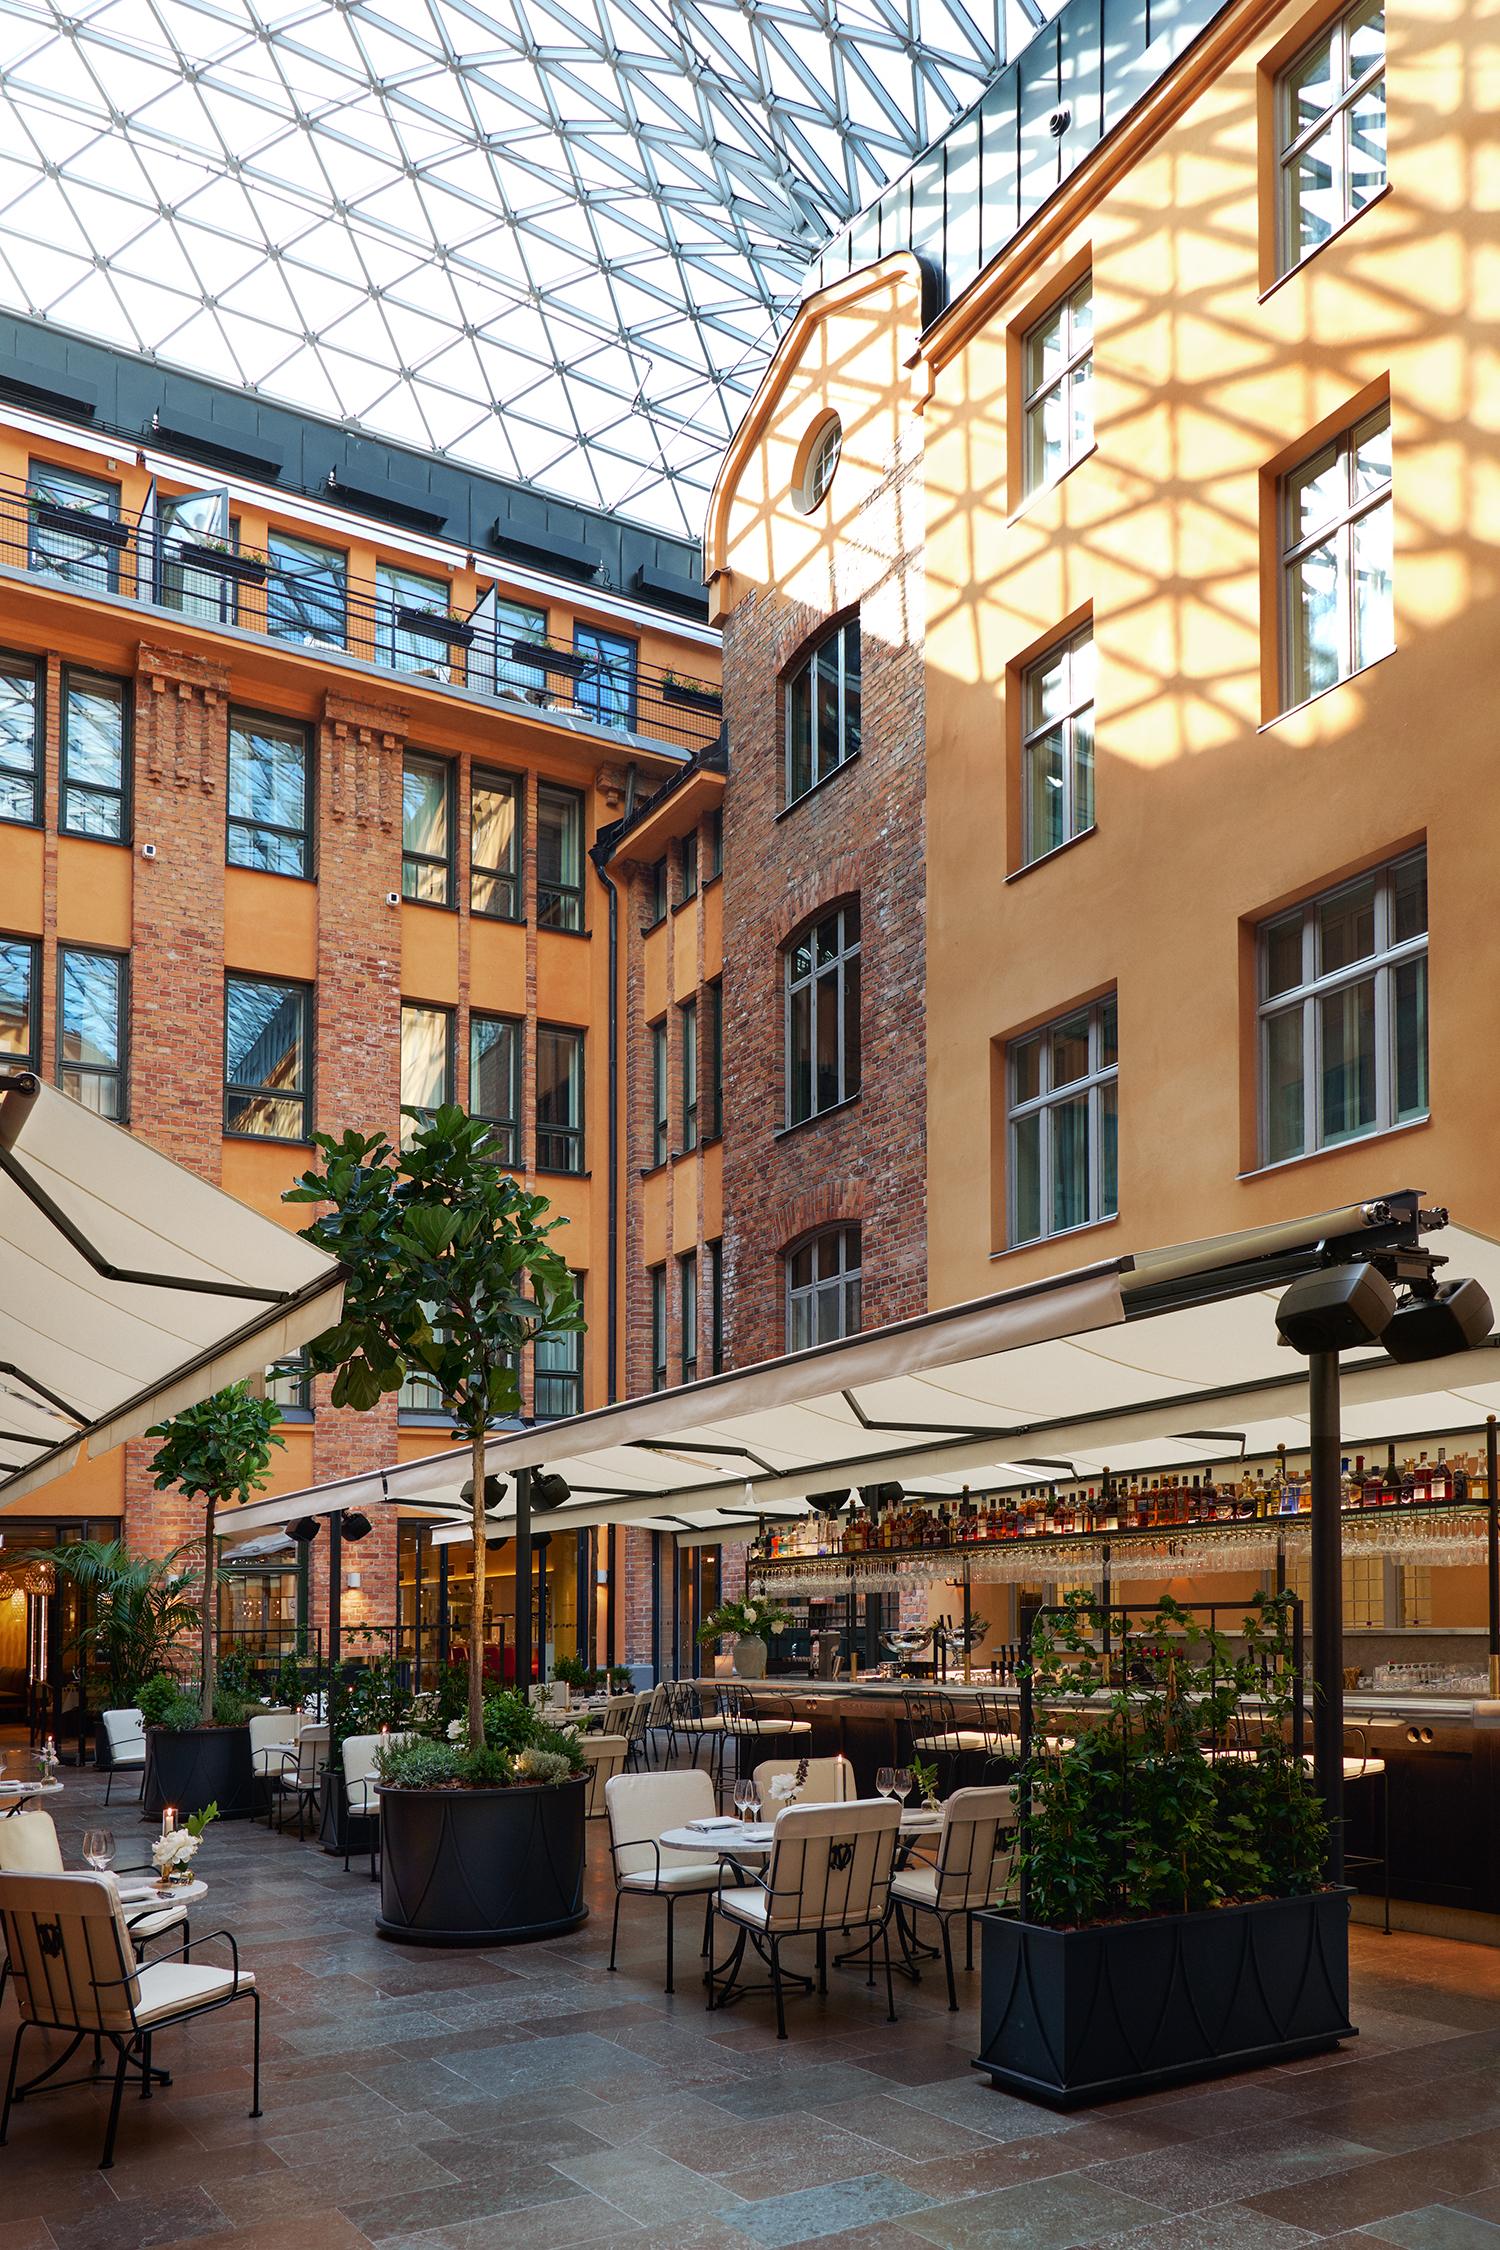 Hotell Villa Dagmar i Stockholm. Ett perfekt val när du letar efter ett exklusivt och lyxigt hotell på Östermalm. Ett nytt hotell på Nybrogatan som har nära till allt, ett lyxhotell i Stockholm helt enkelt.